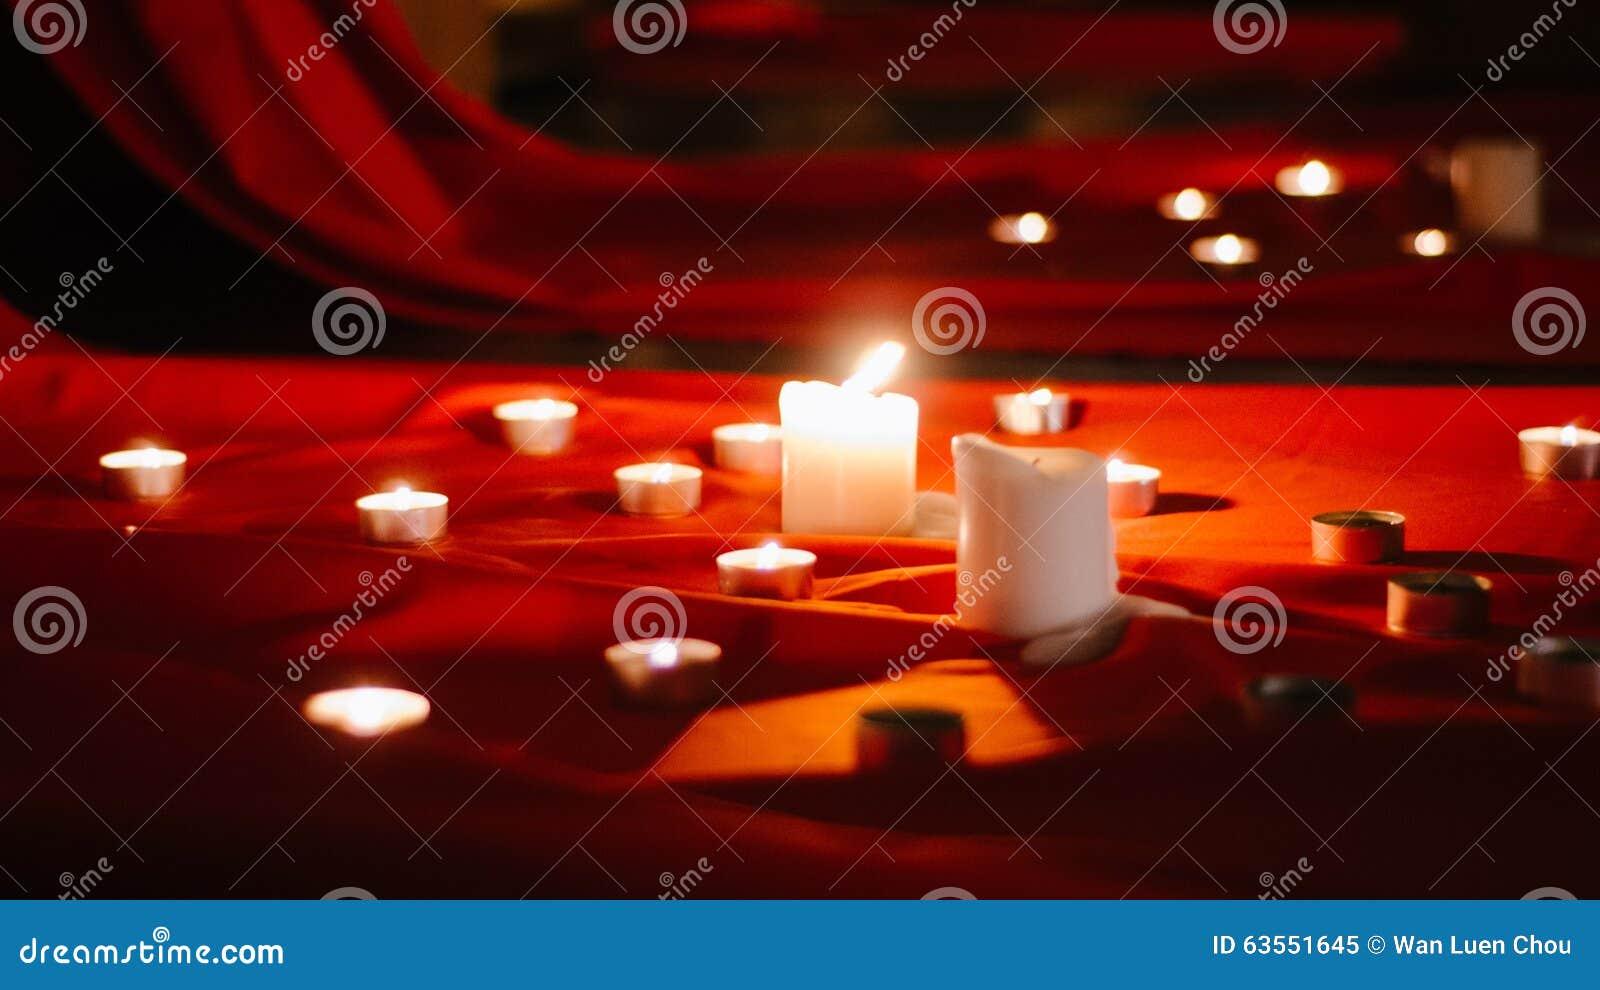 weihnachten stockfoto bild 63551645. Black Bedroom Furniture Sets. Home Design Ideas